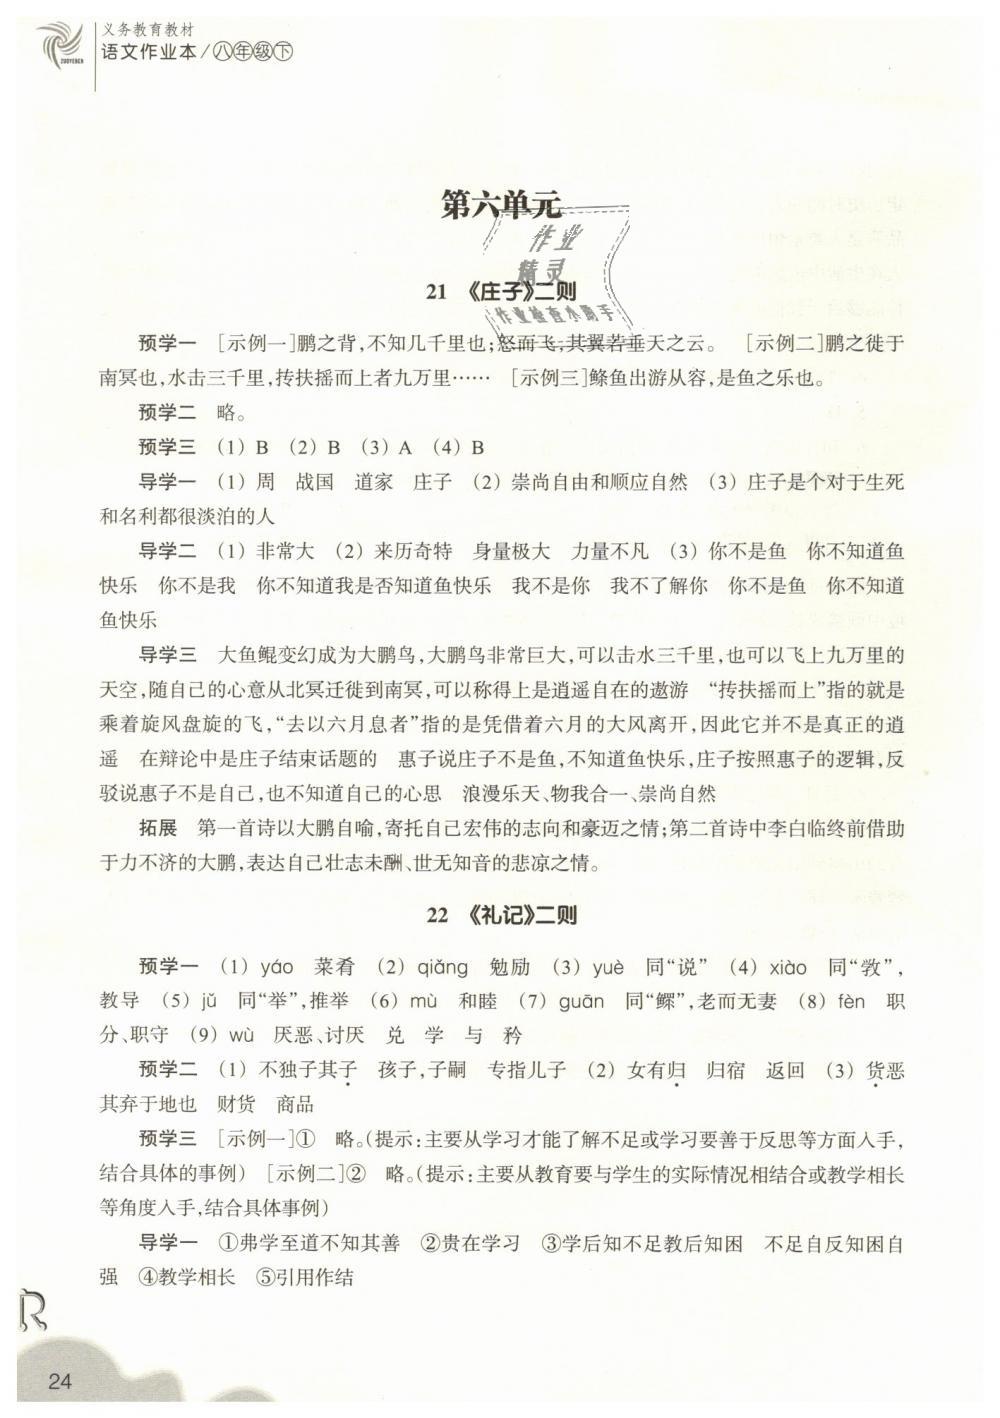 2019年作業本八年級語文下冊人教版浙江教育出版社第24頁